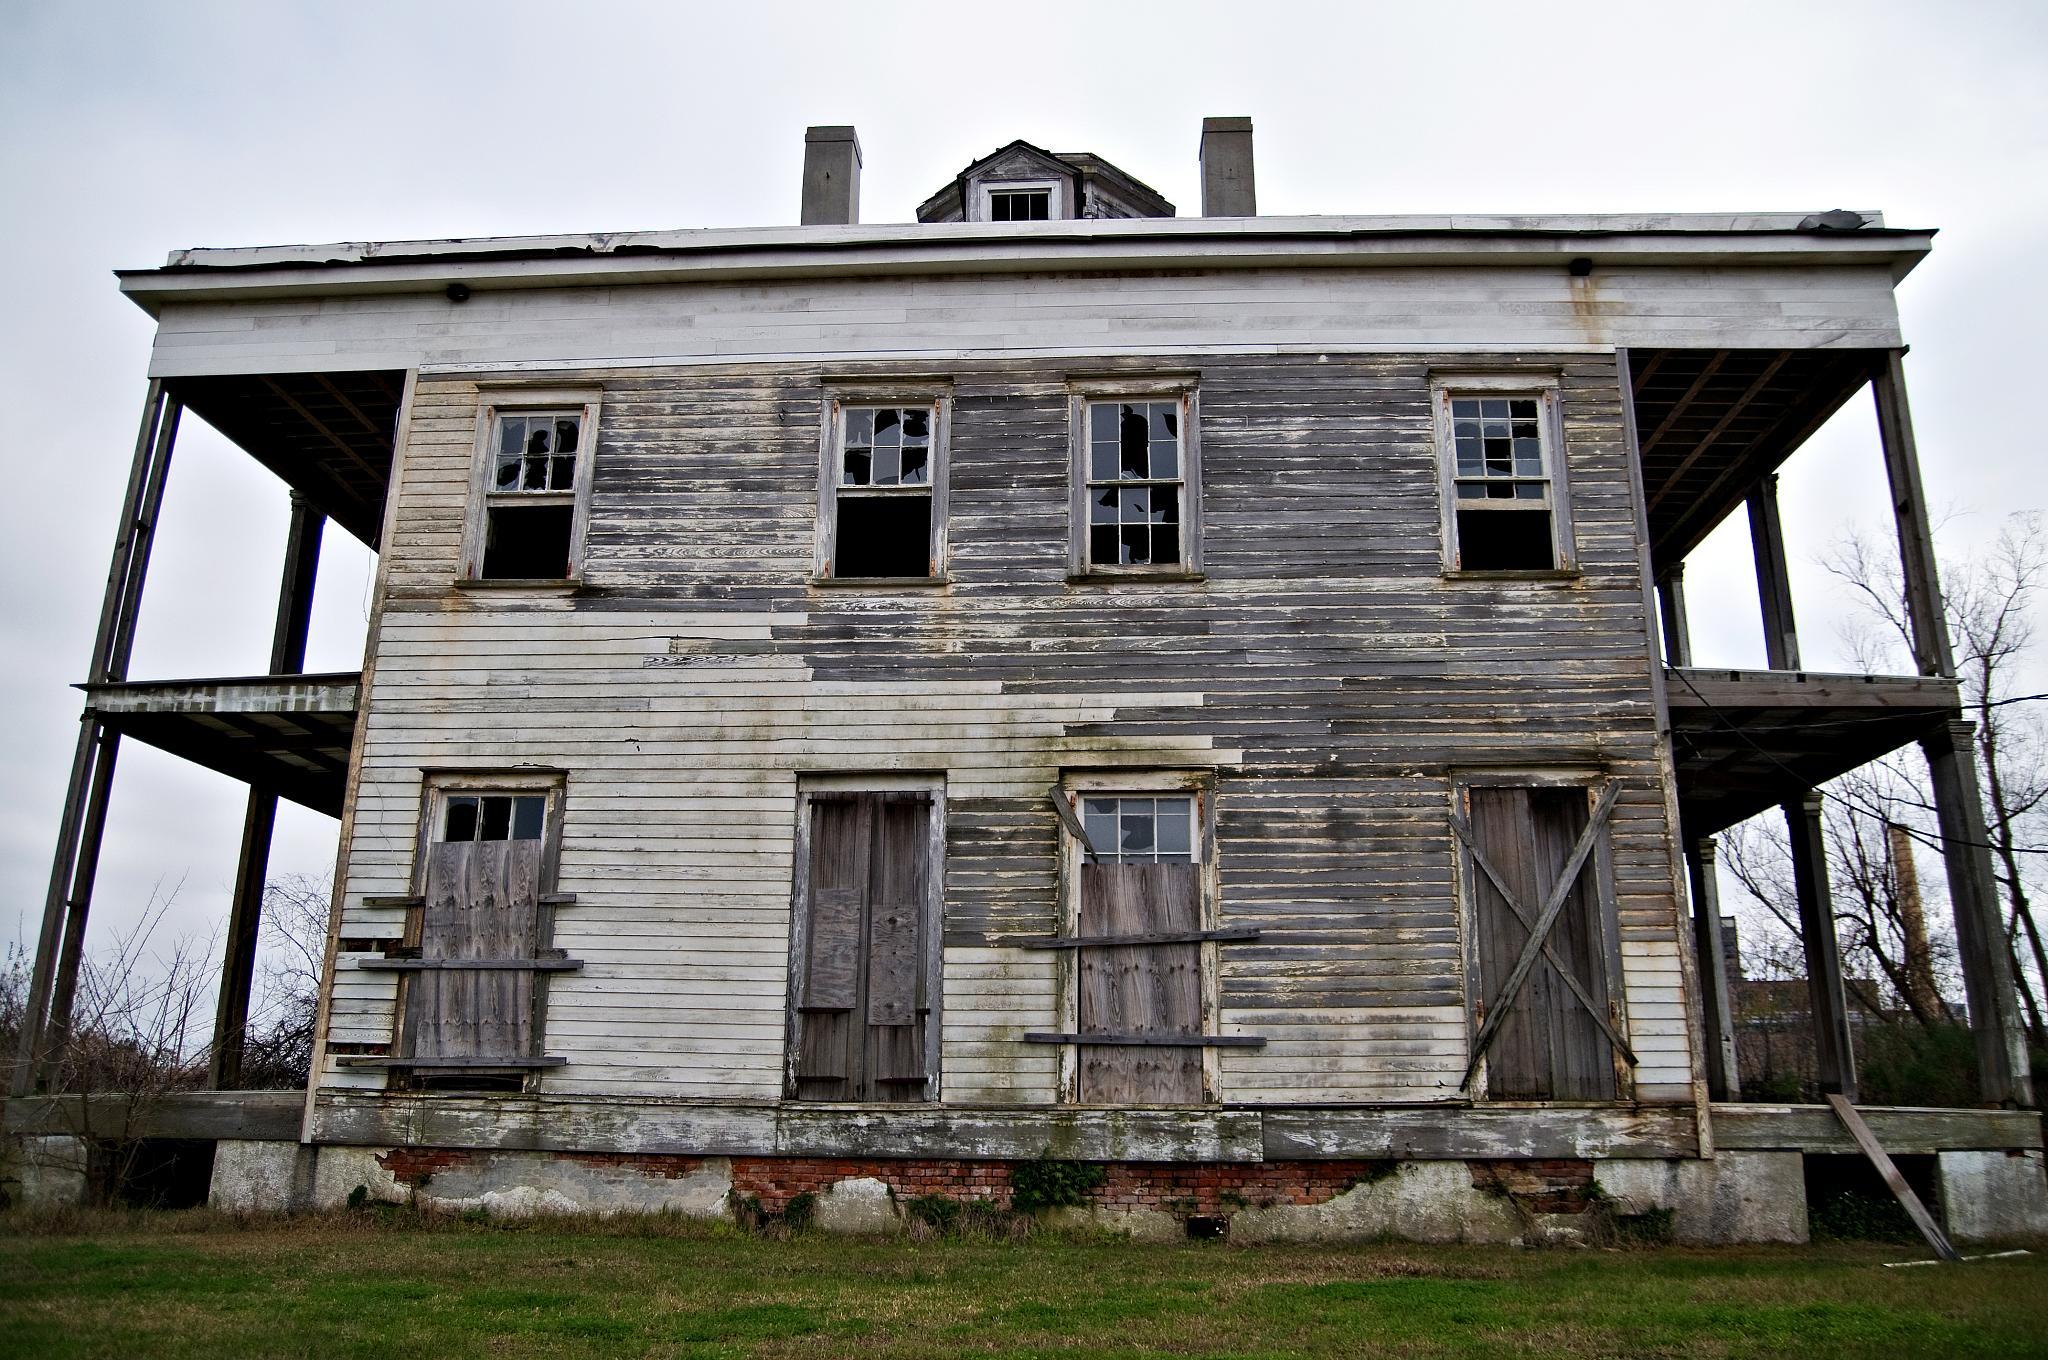 Unos cazafantasmas aficionados queman accidentalmente una de las casas encantadas m s antiguas - Casas de madera y mas ...